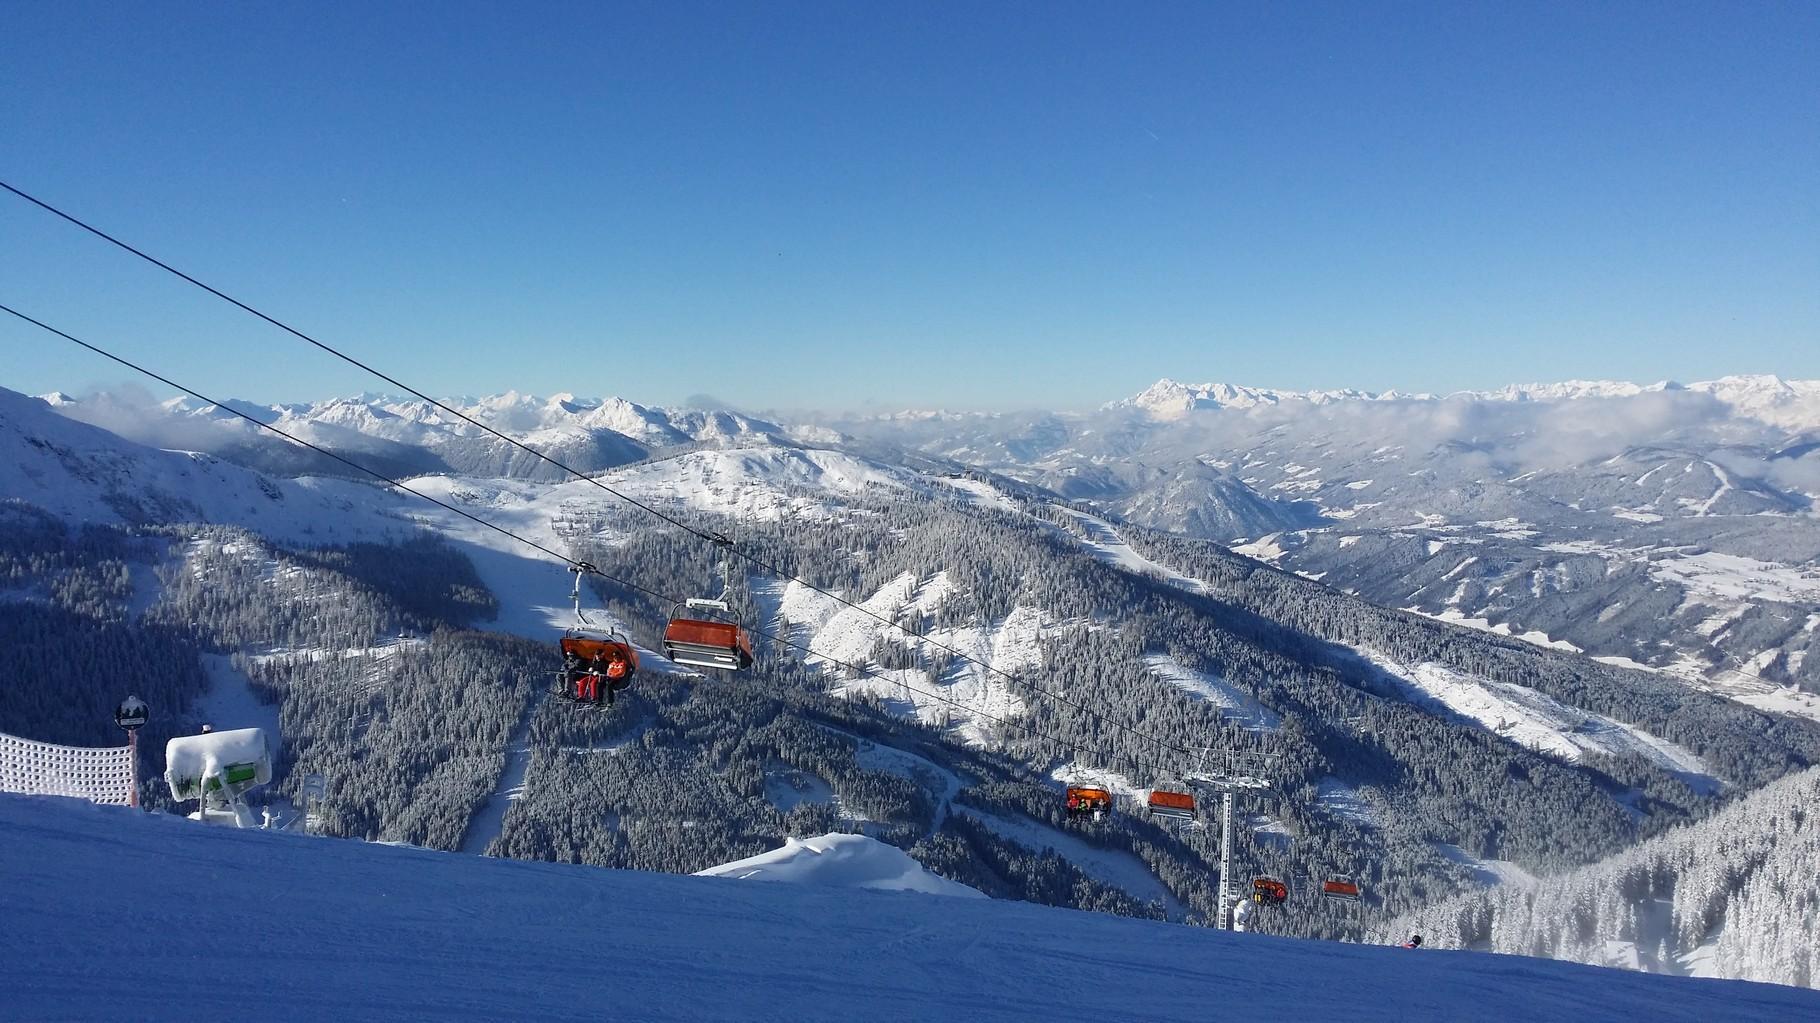 4 Berge Schaukel Schladming-Dachstein